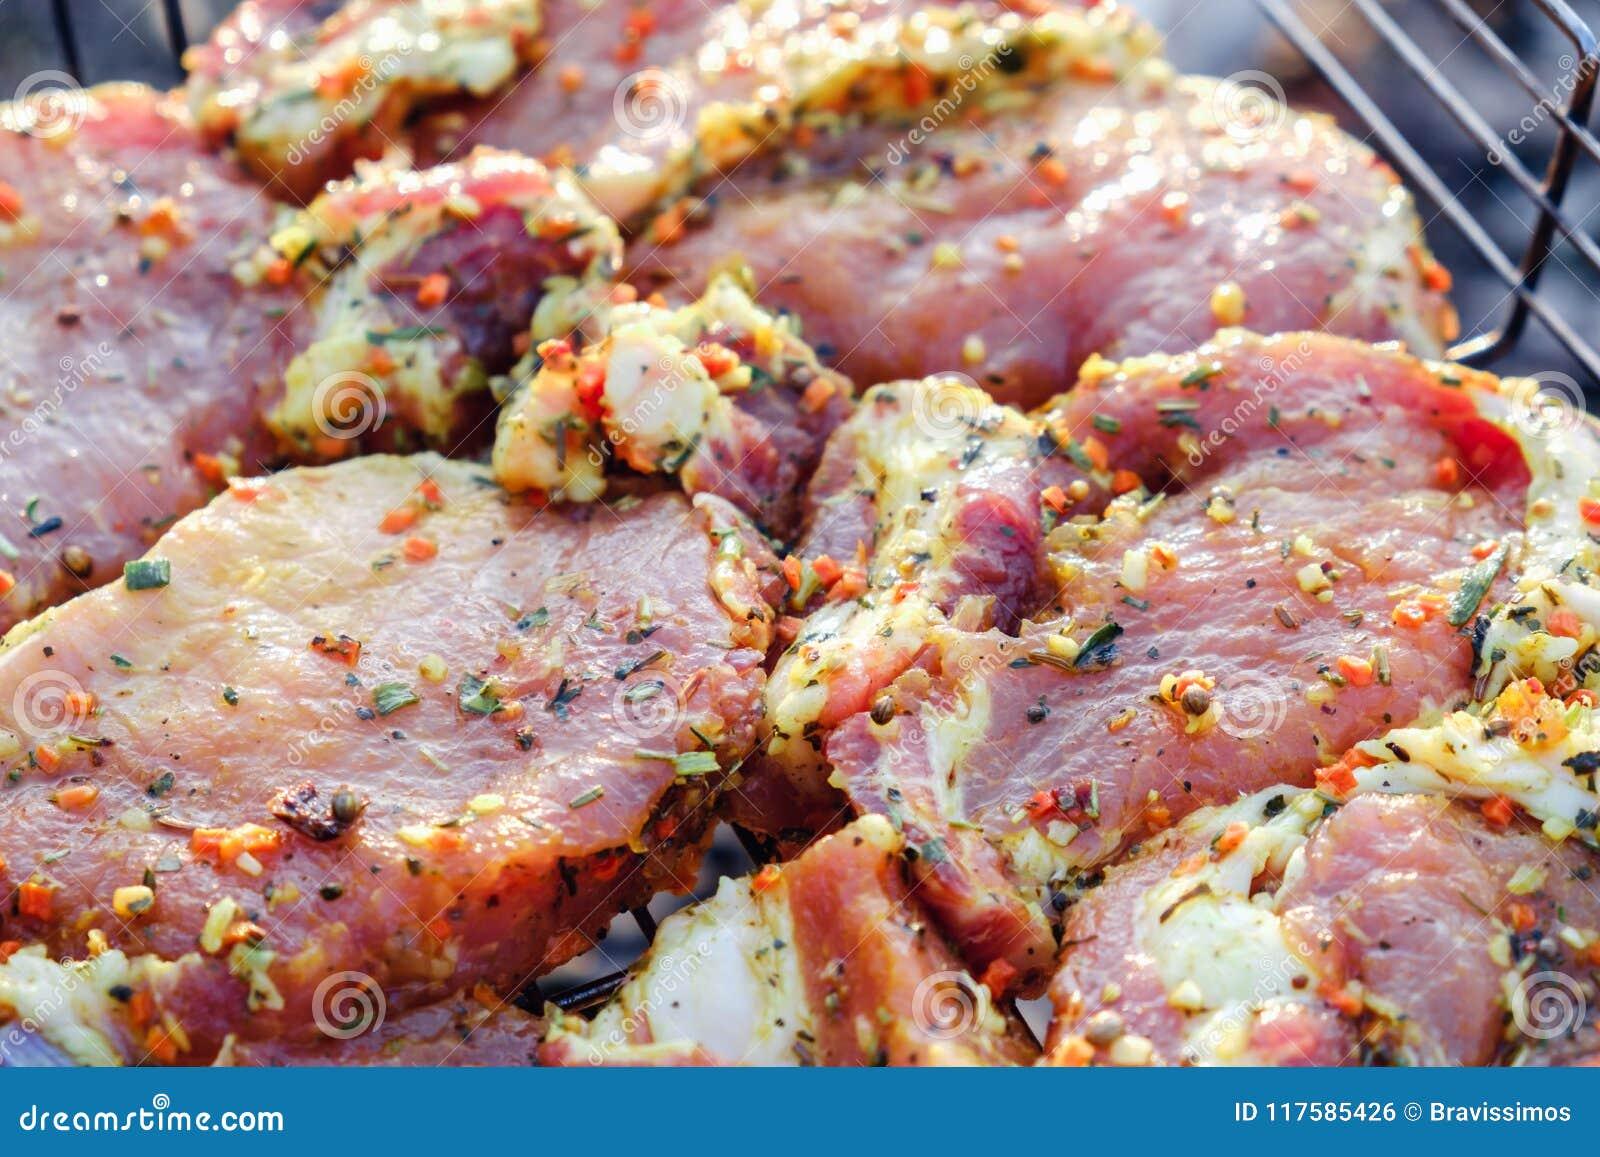 Μπριζόλες κρέατος βόειου κρέατος Φρέσκος ακατέργαστος λαιμός χοιρινού κρέατος για την μπριζόλα με τα καρυκεύματα χορταριών σε μια